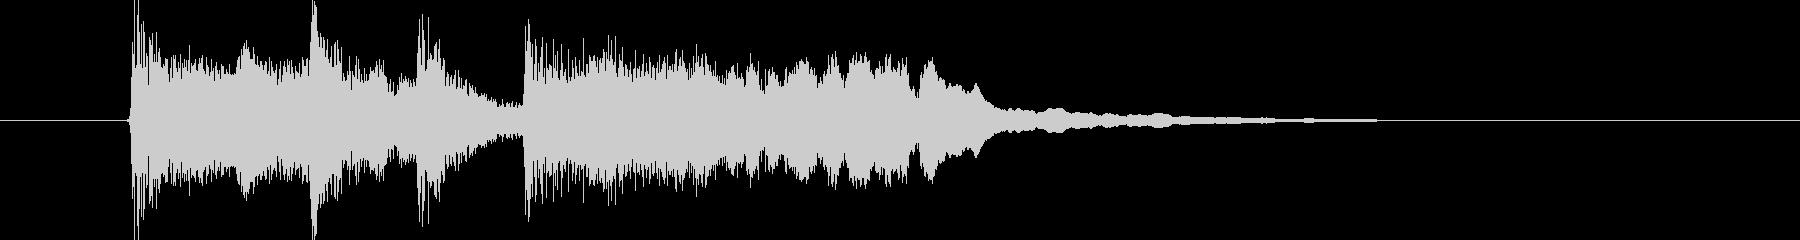 明るく優しいシンセサウンド短めジングルの未再生の波形